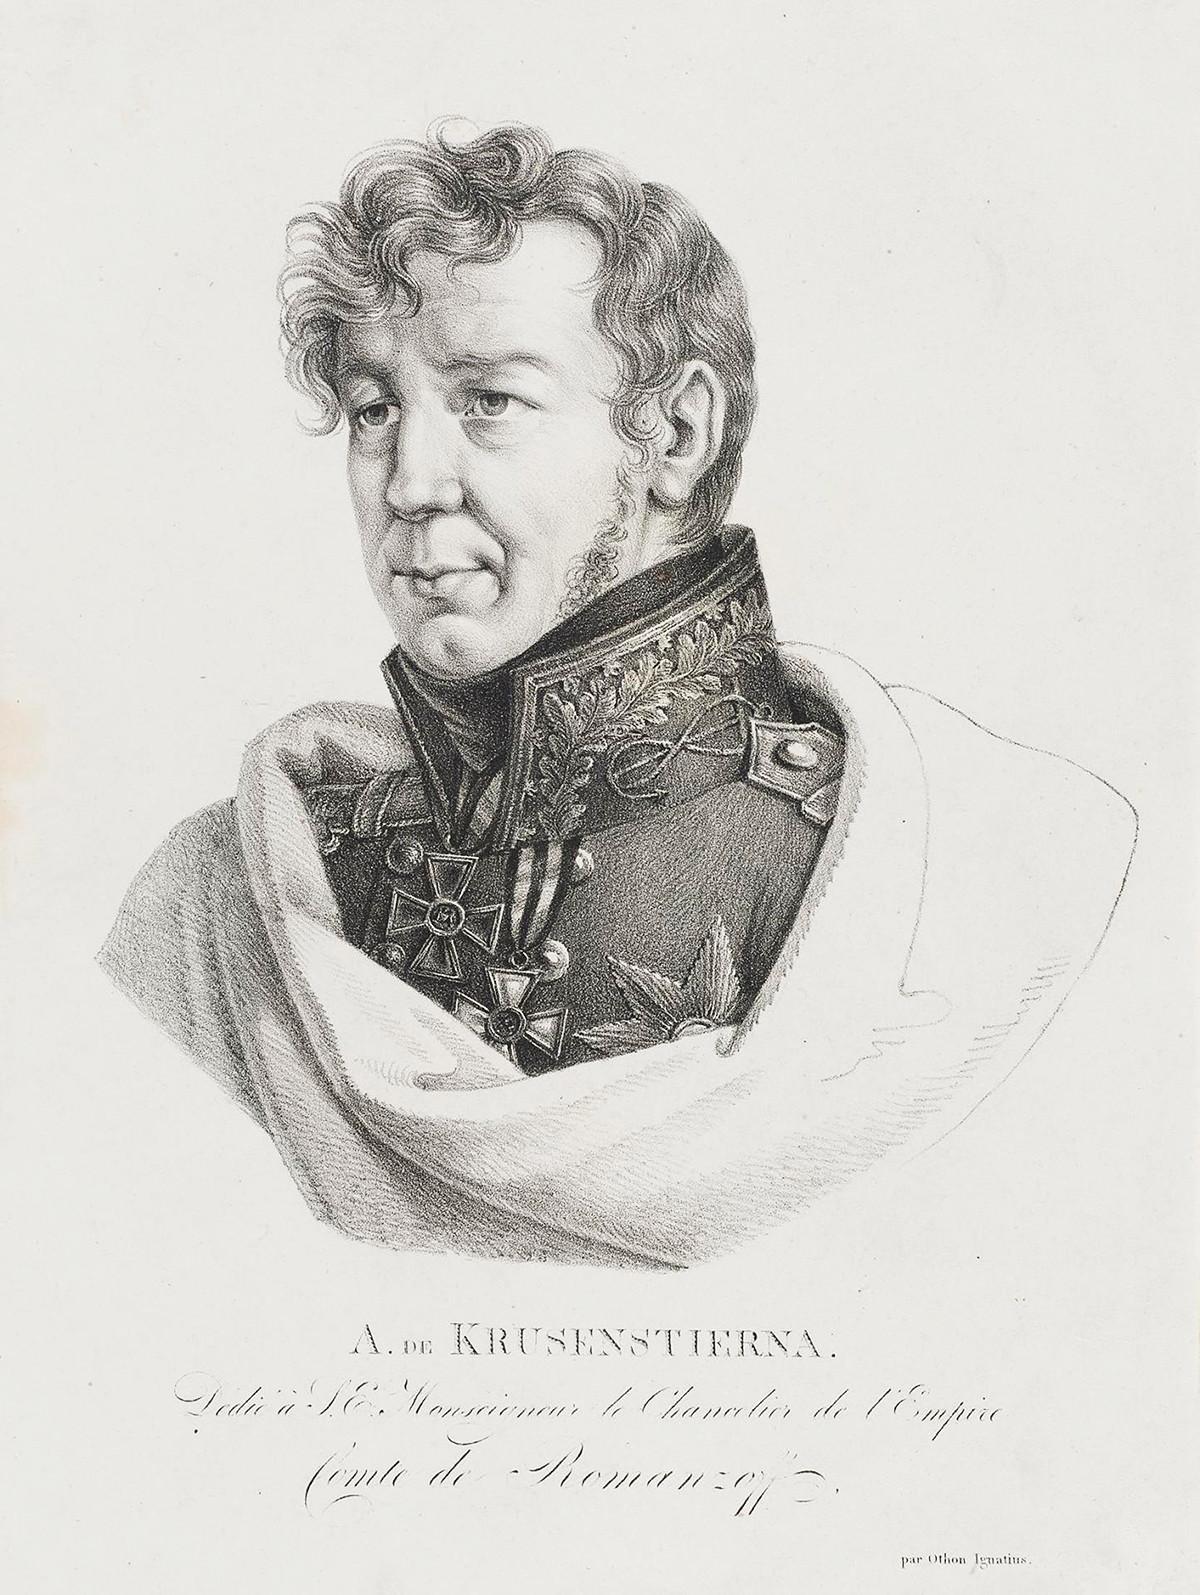 Johann Adam von Krusenstern